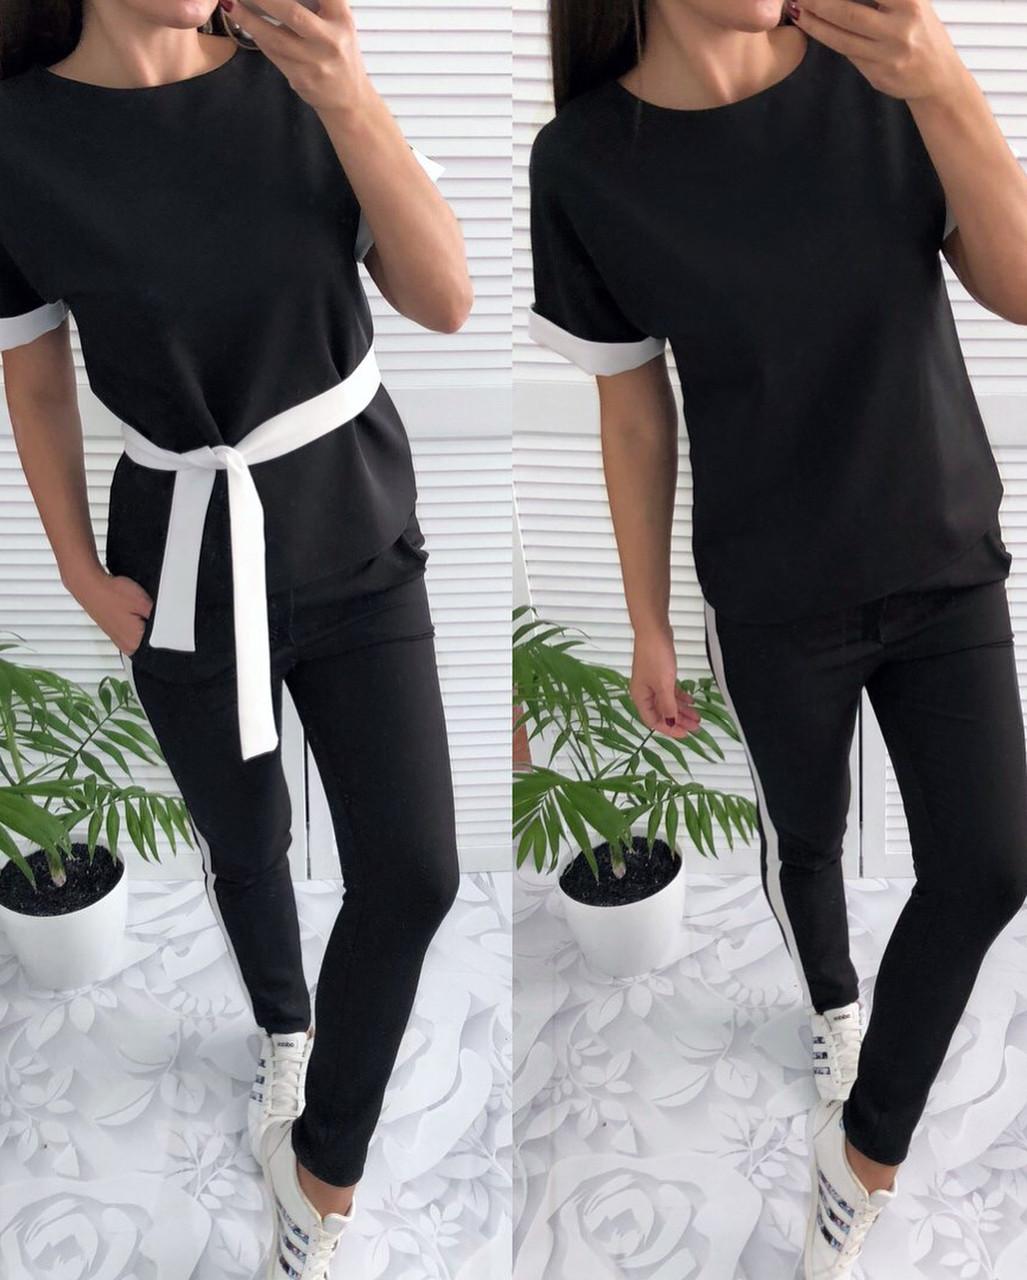 5a79c6bae6c7 Модный женский костюм, черного цвета с белыми лампасами - Интернет-магазин  одежды и обуви